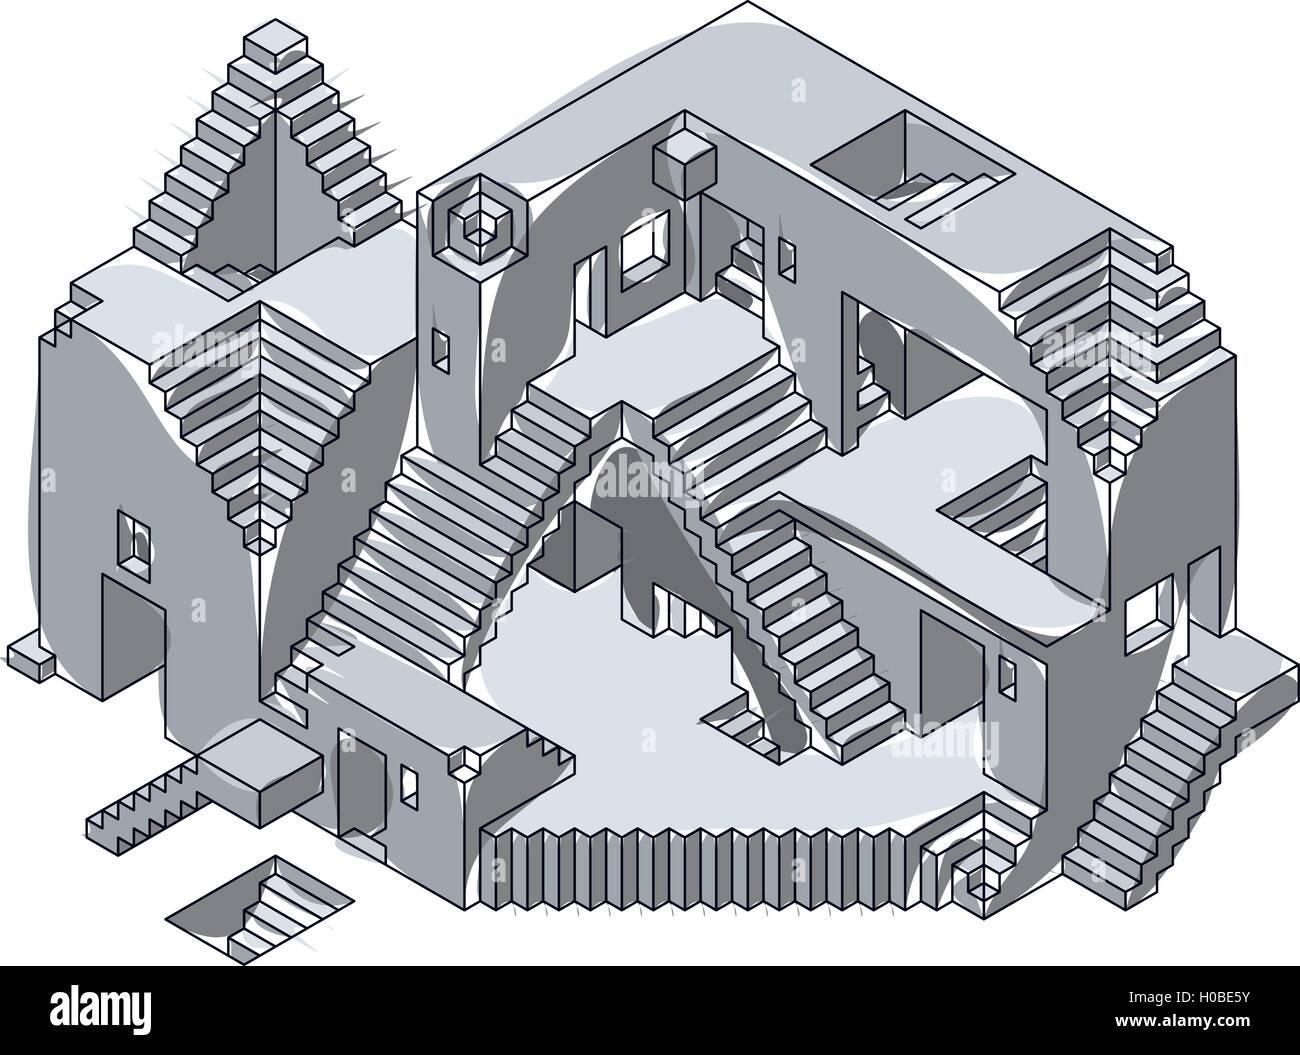 Unter Konstruktion Tinte Abbildung Haus Projekt Gebaude Skizze Plan Zeichnen Burg Bau Architektur